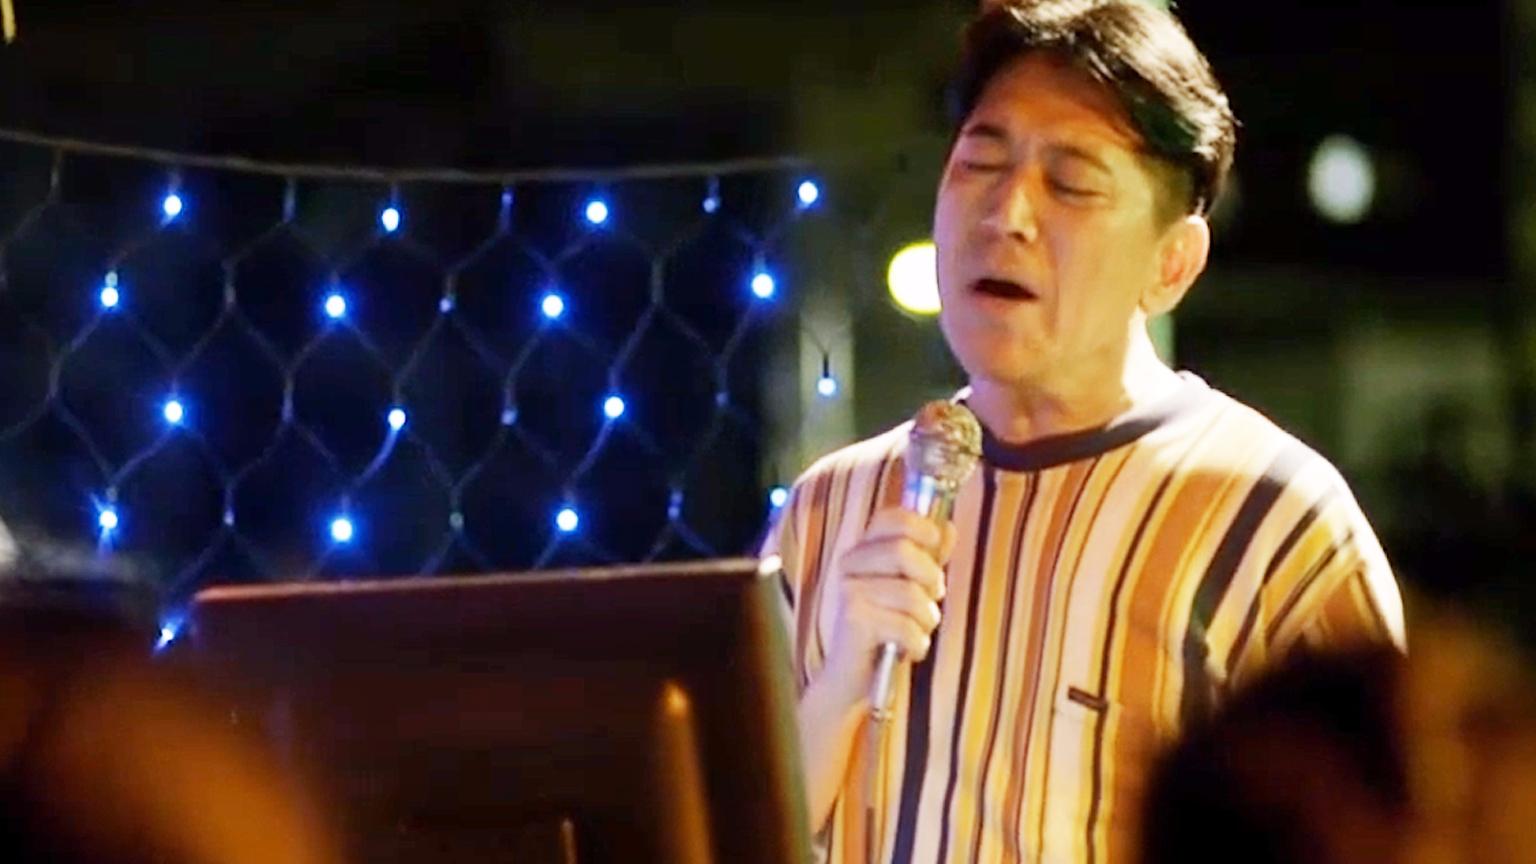 最近网红都在翻唱的《点歌的人》,原唱一出直接秒杀,无法超越!